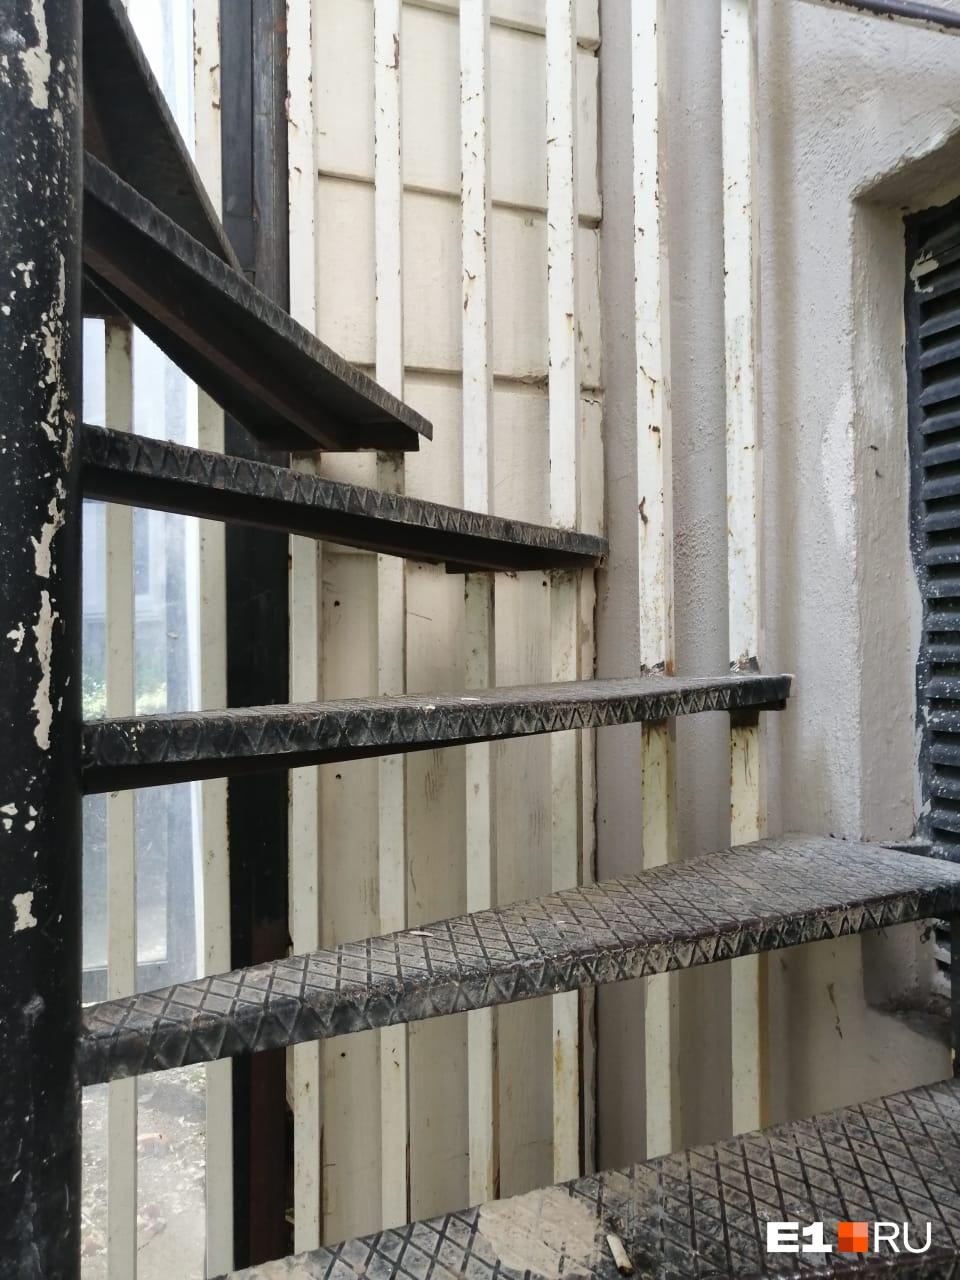 Второй вариант для того, чтобы спуститься вниз, — такая пожарная лестница